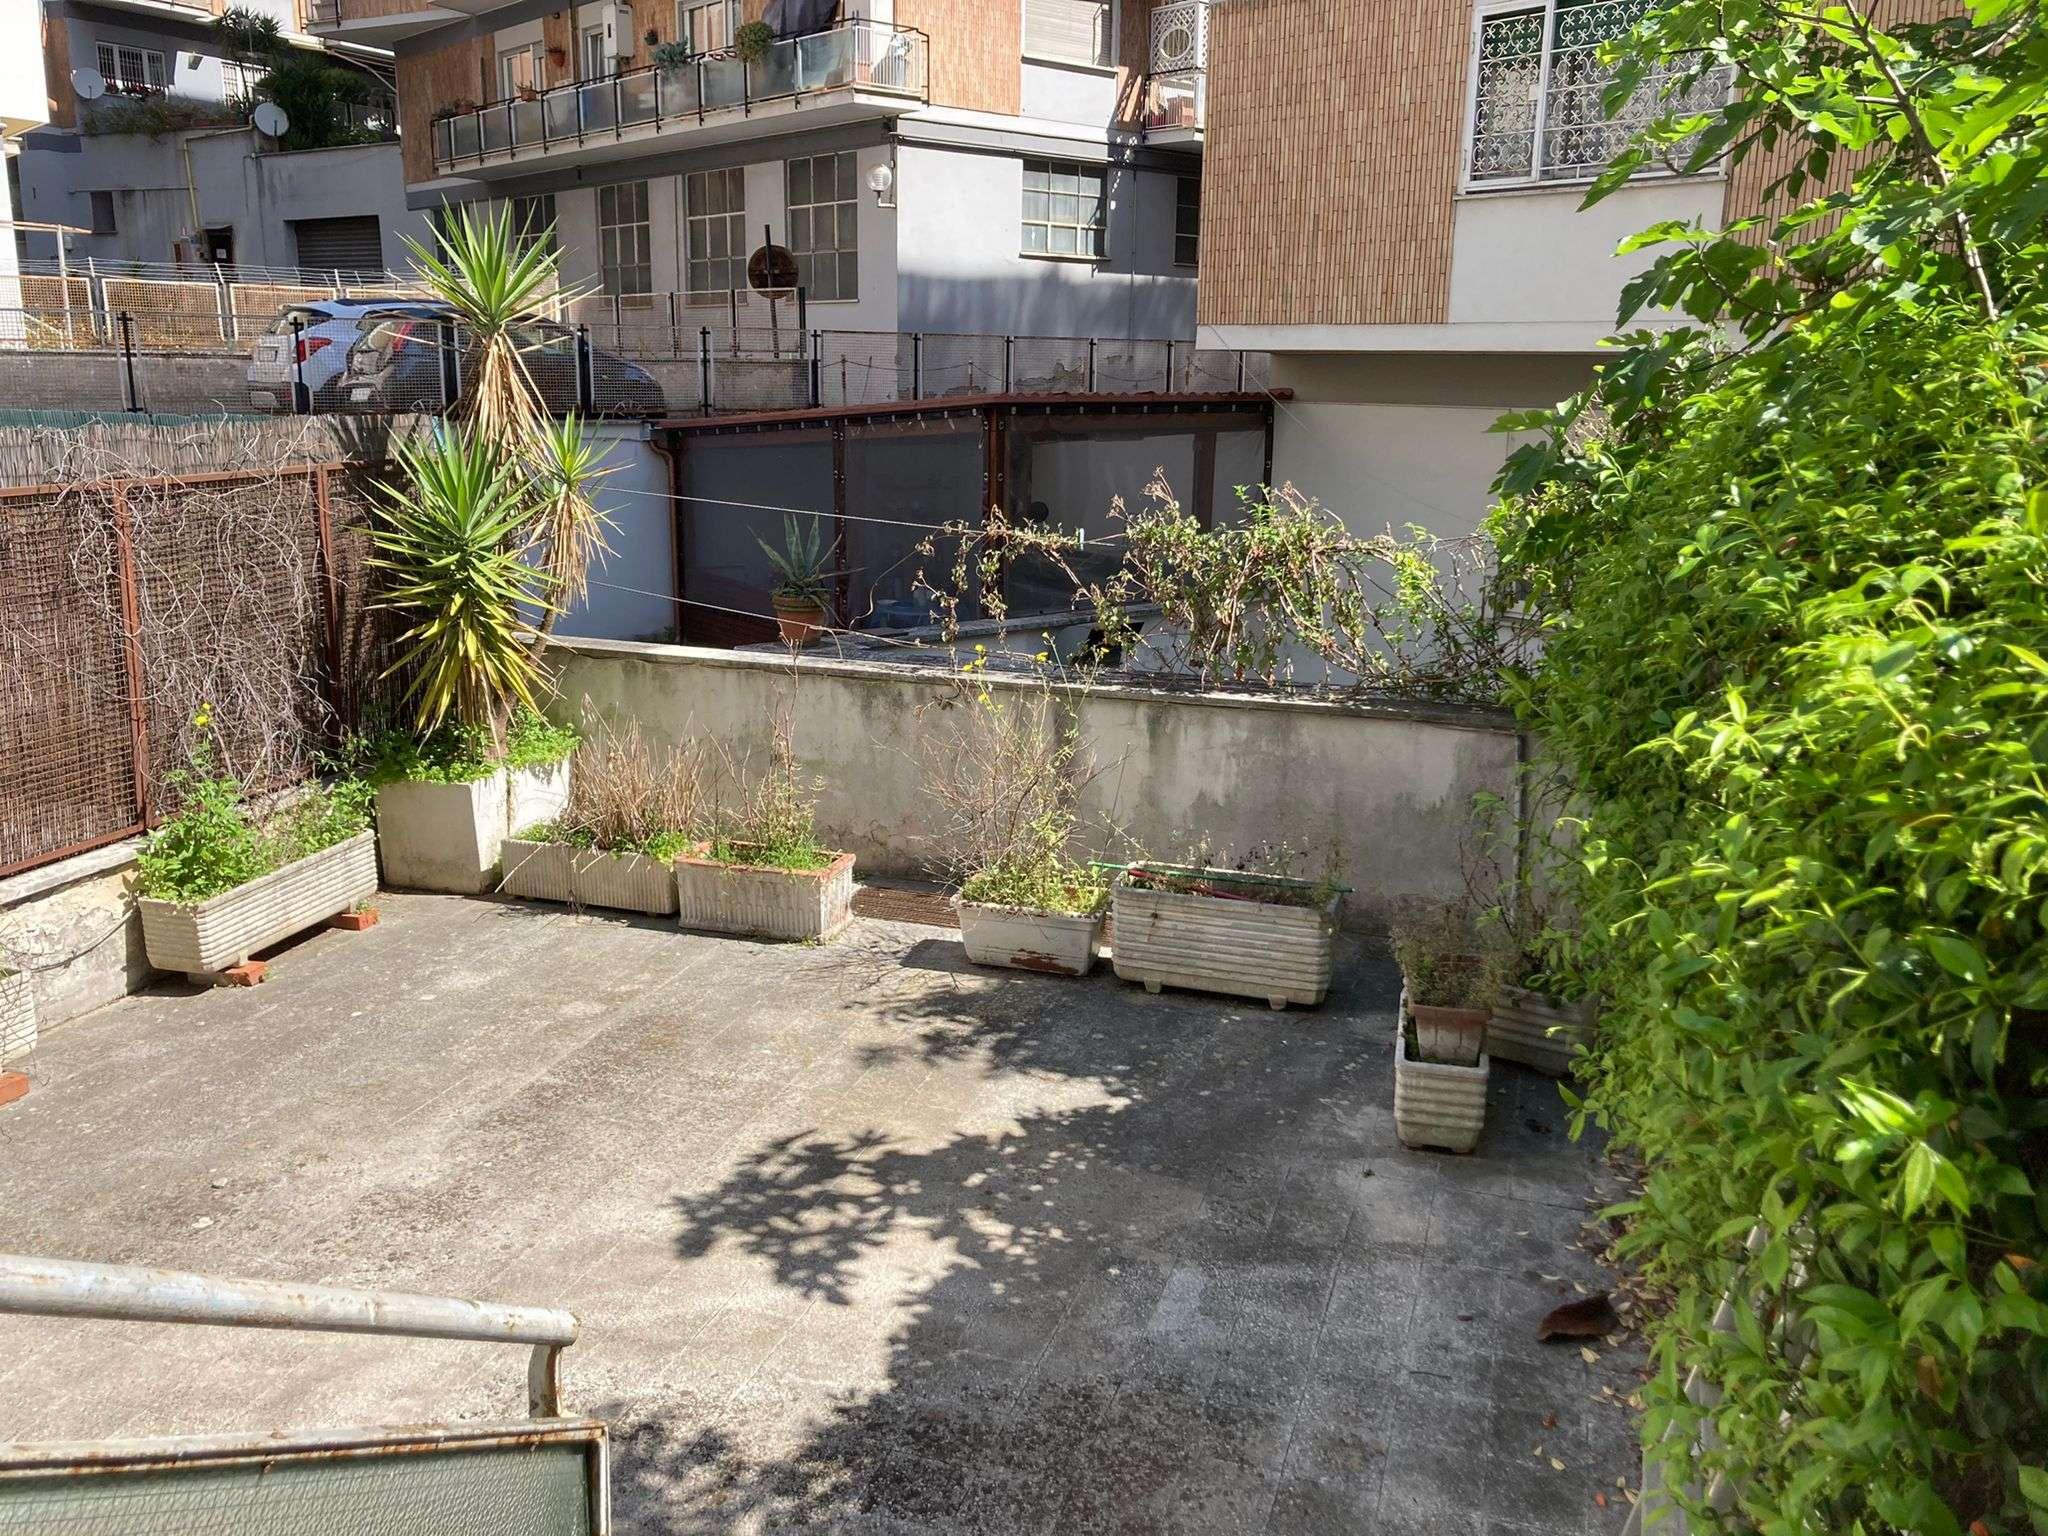 Appartamento in vendita a Roma, 2 locali, zona Zona: 3 . Trieste - Somalia - Salario, prezzo € 260.000 | CambioCasa.it